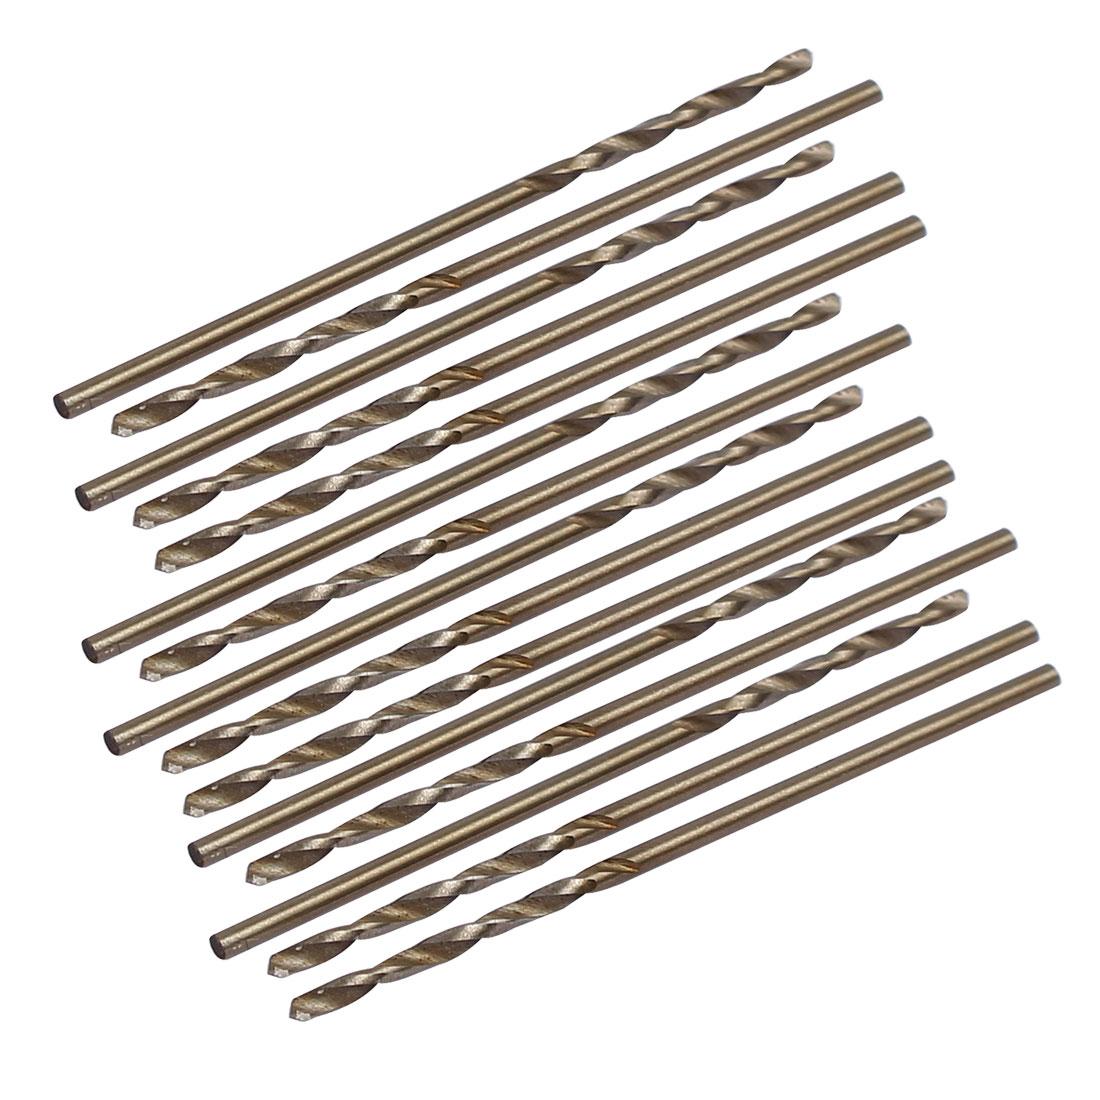 1.2mm Dia Split Point HSS Cobalt Metric Twist Drill Bit Drilling Tool 15pcs